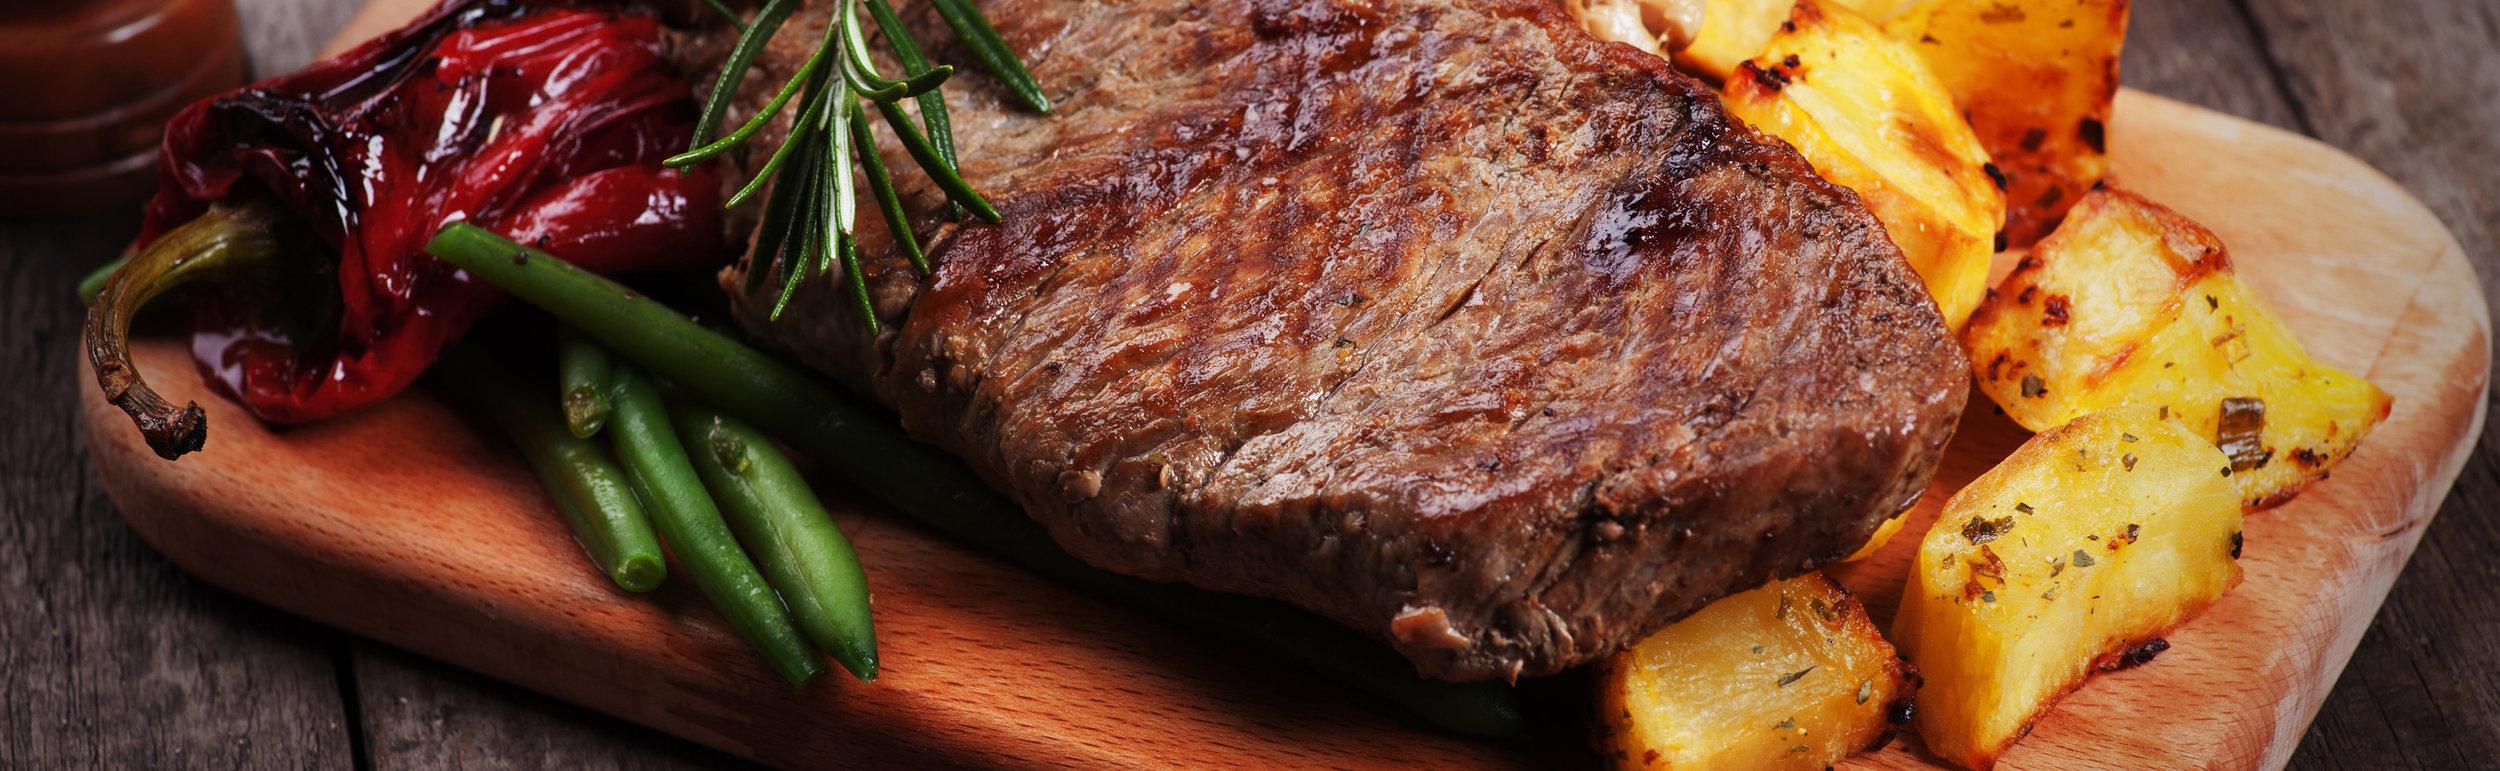 Kiwis SPECIAL - Steak Night Jeden Montag Rib Eye (NZ) 250g mit Beilage und Sauce für 18,50€